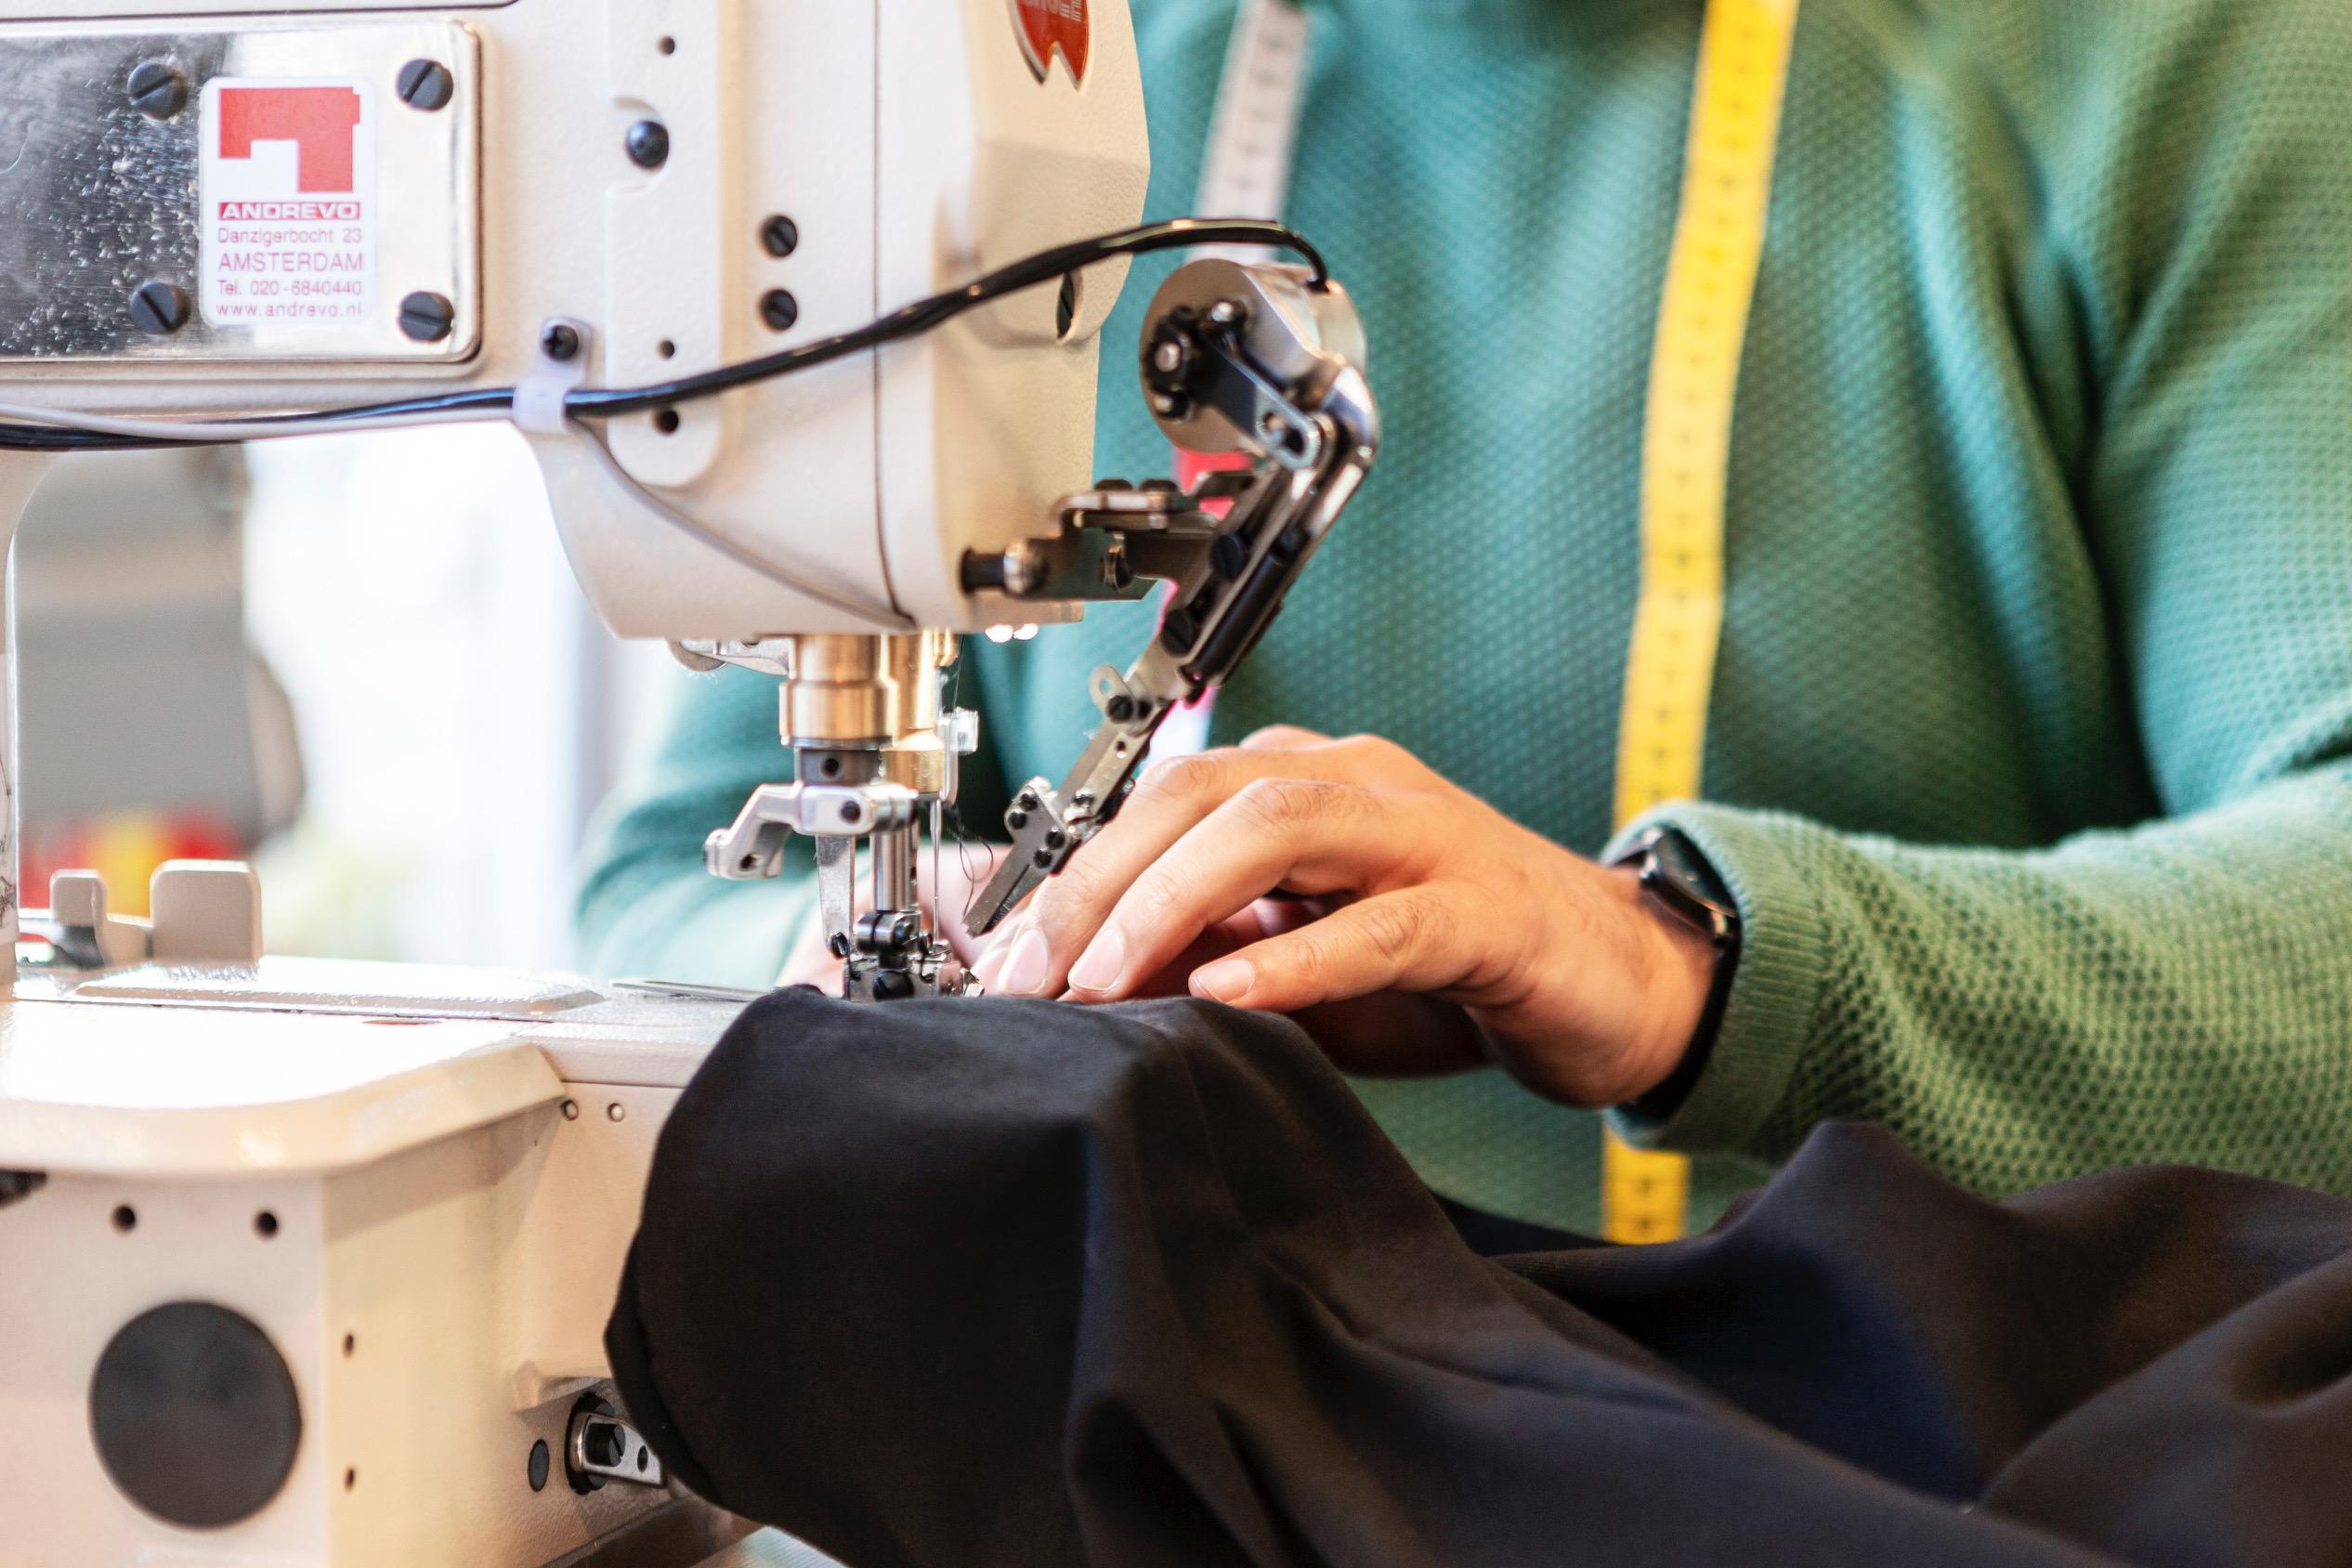 Detailfoto van een t-shirt onder de naaimachine. De shirts van ijvr worden in Breda gemaakt. Ze komen duurzaam tot stand en worden aangeboden in een grote diversiteit aan maten.